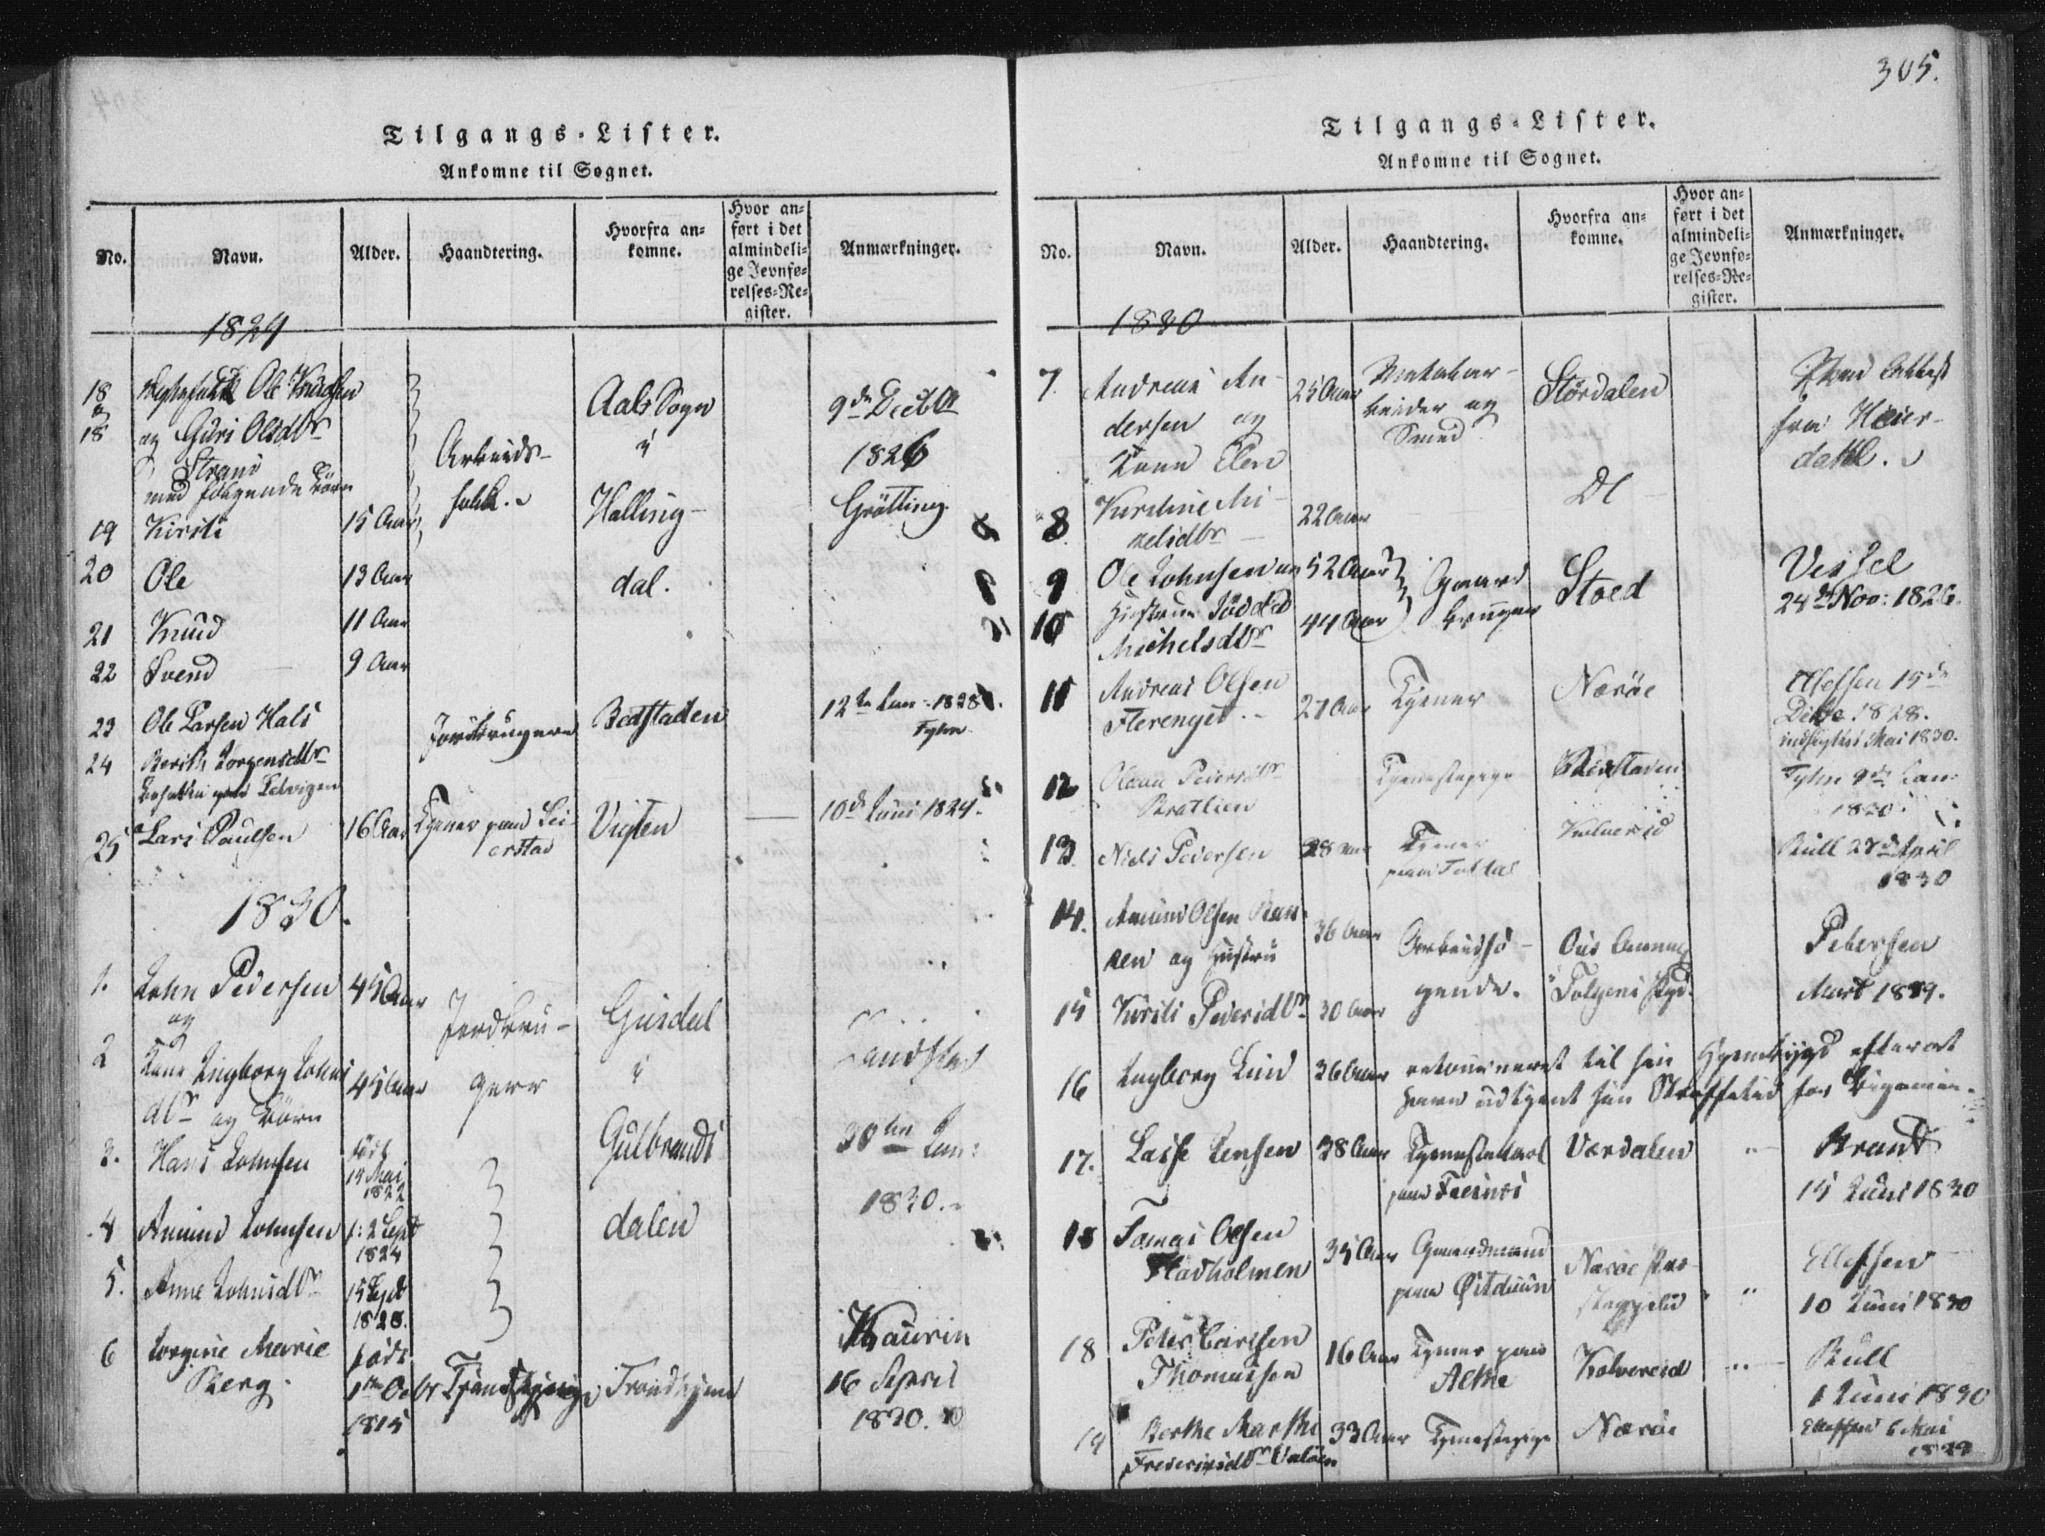 SAT, Ministerialprotokoller, klokkerbøker og fødselsregistre - Nord-Trøndelag, 773/L0609: Ministerialbok nr. 773A03 /1, 1815-1830, s. 305